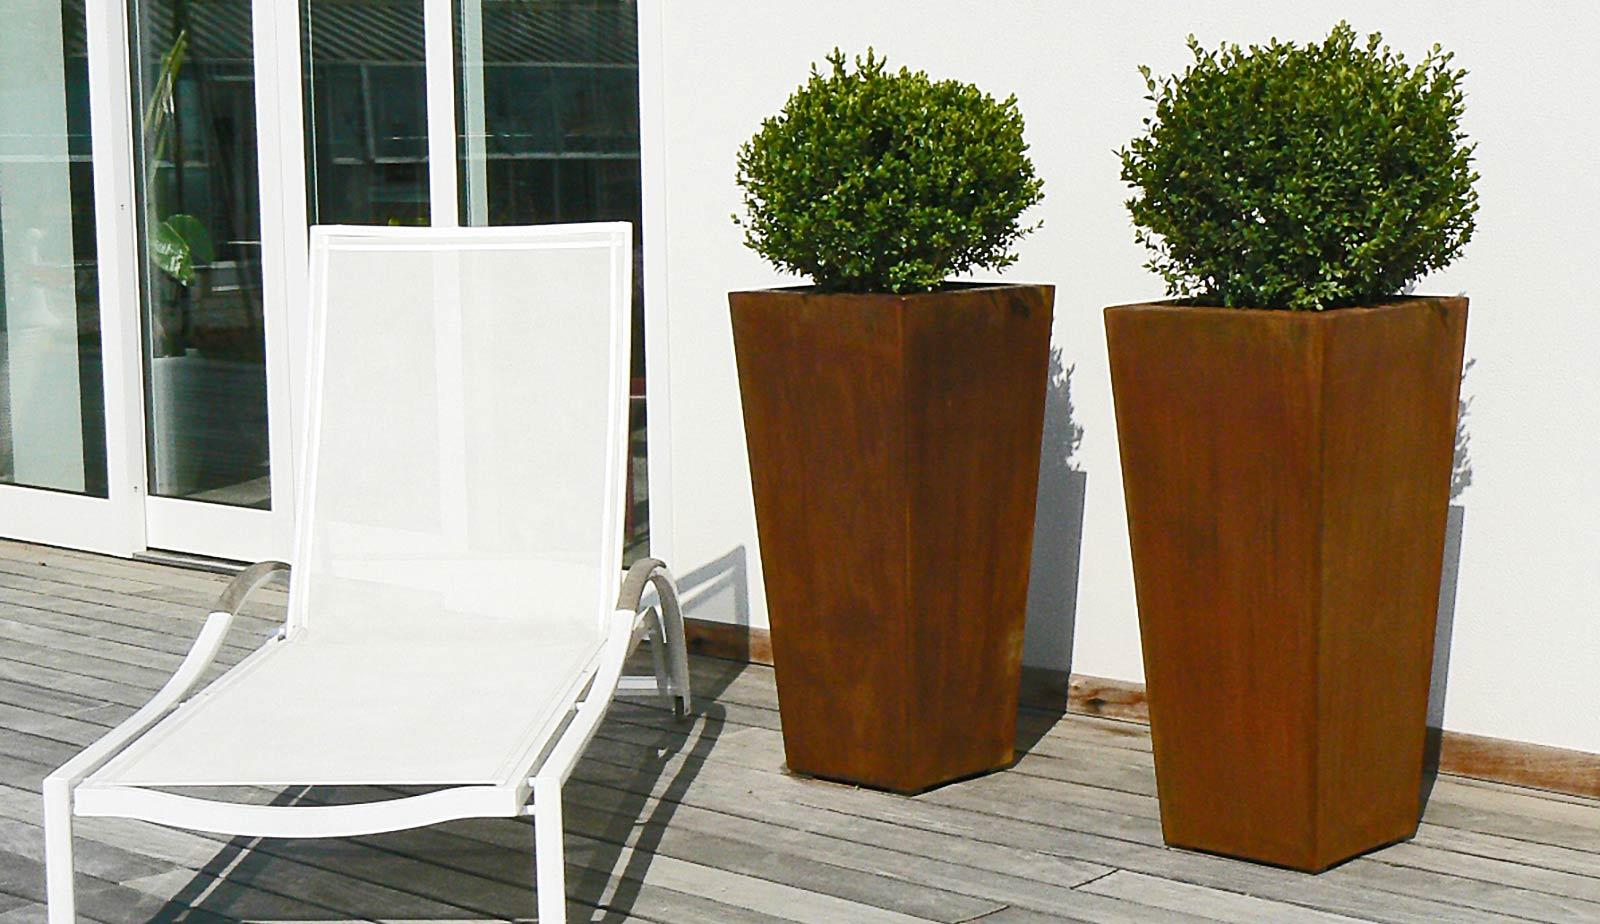 Il giardino di corten con oggetti in ferro per giardino - Oggetti per giardino ...